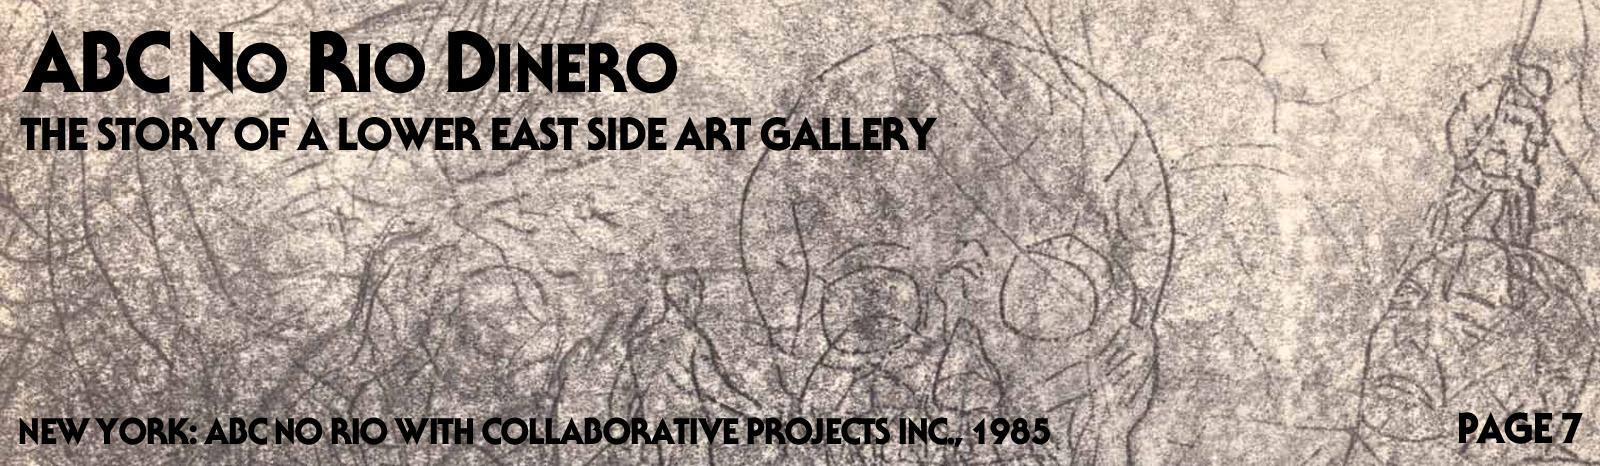 abc-no-rio-page-cover-7.jpg